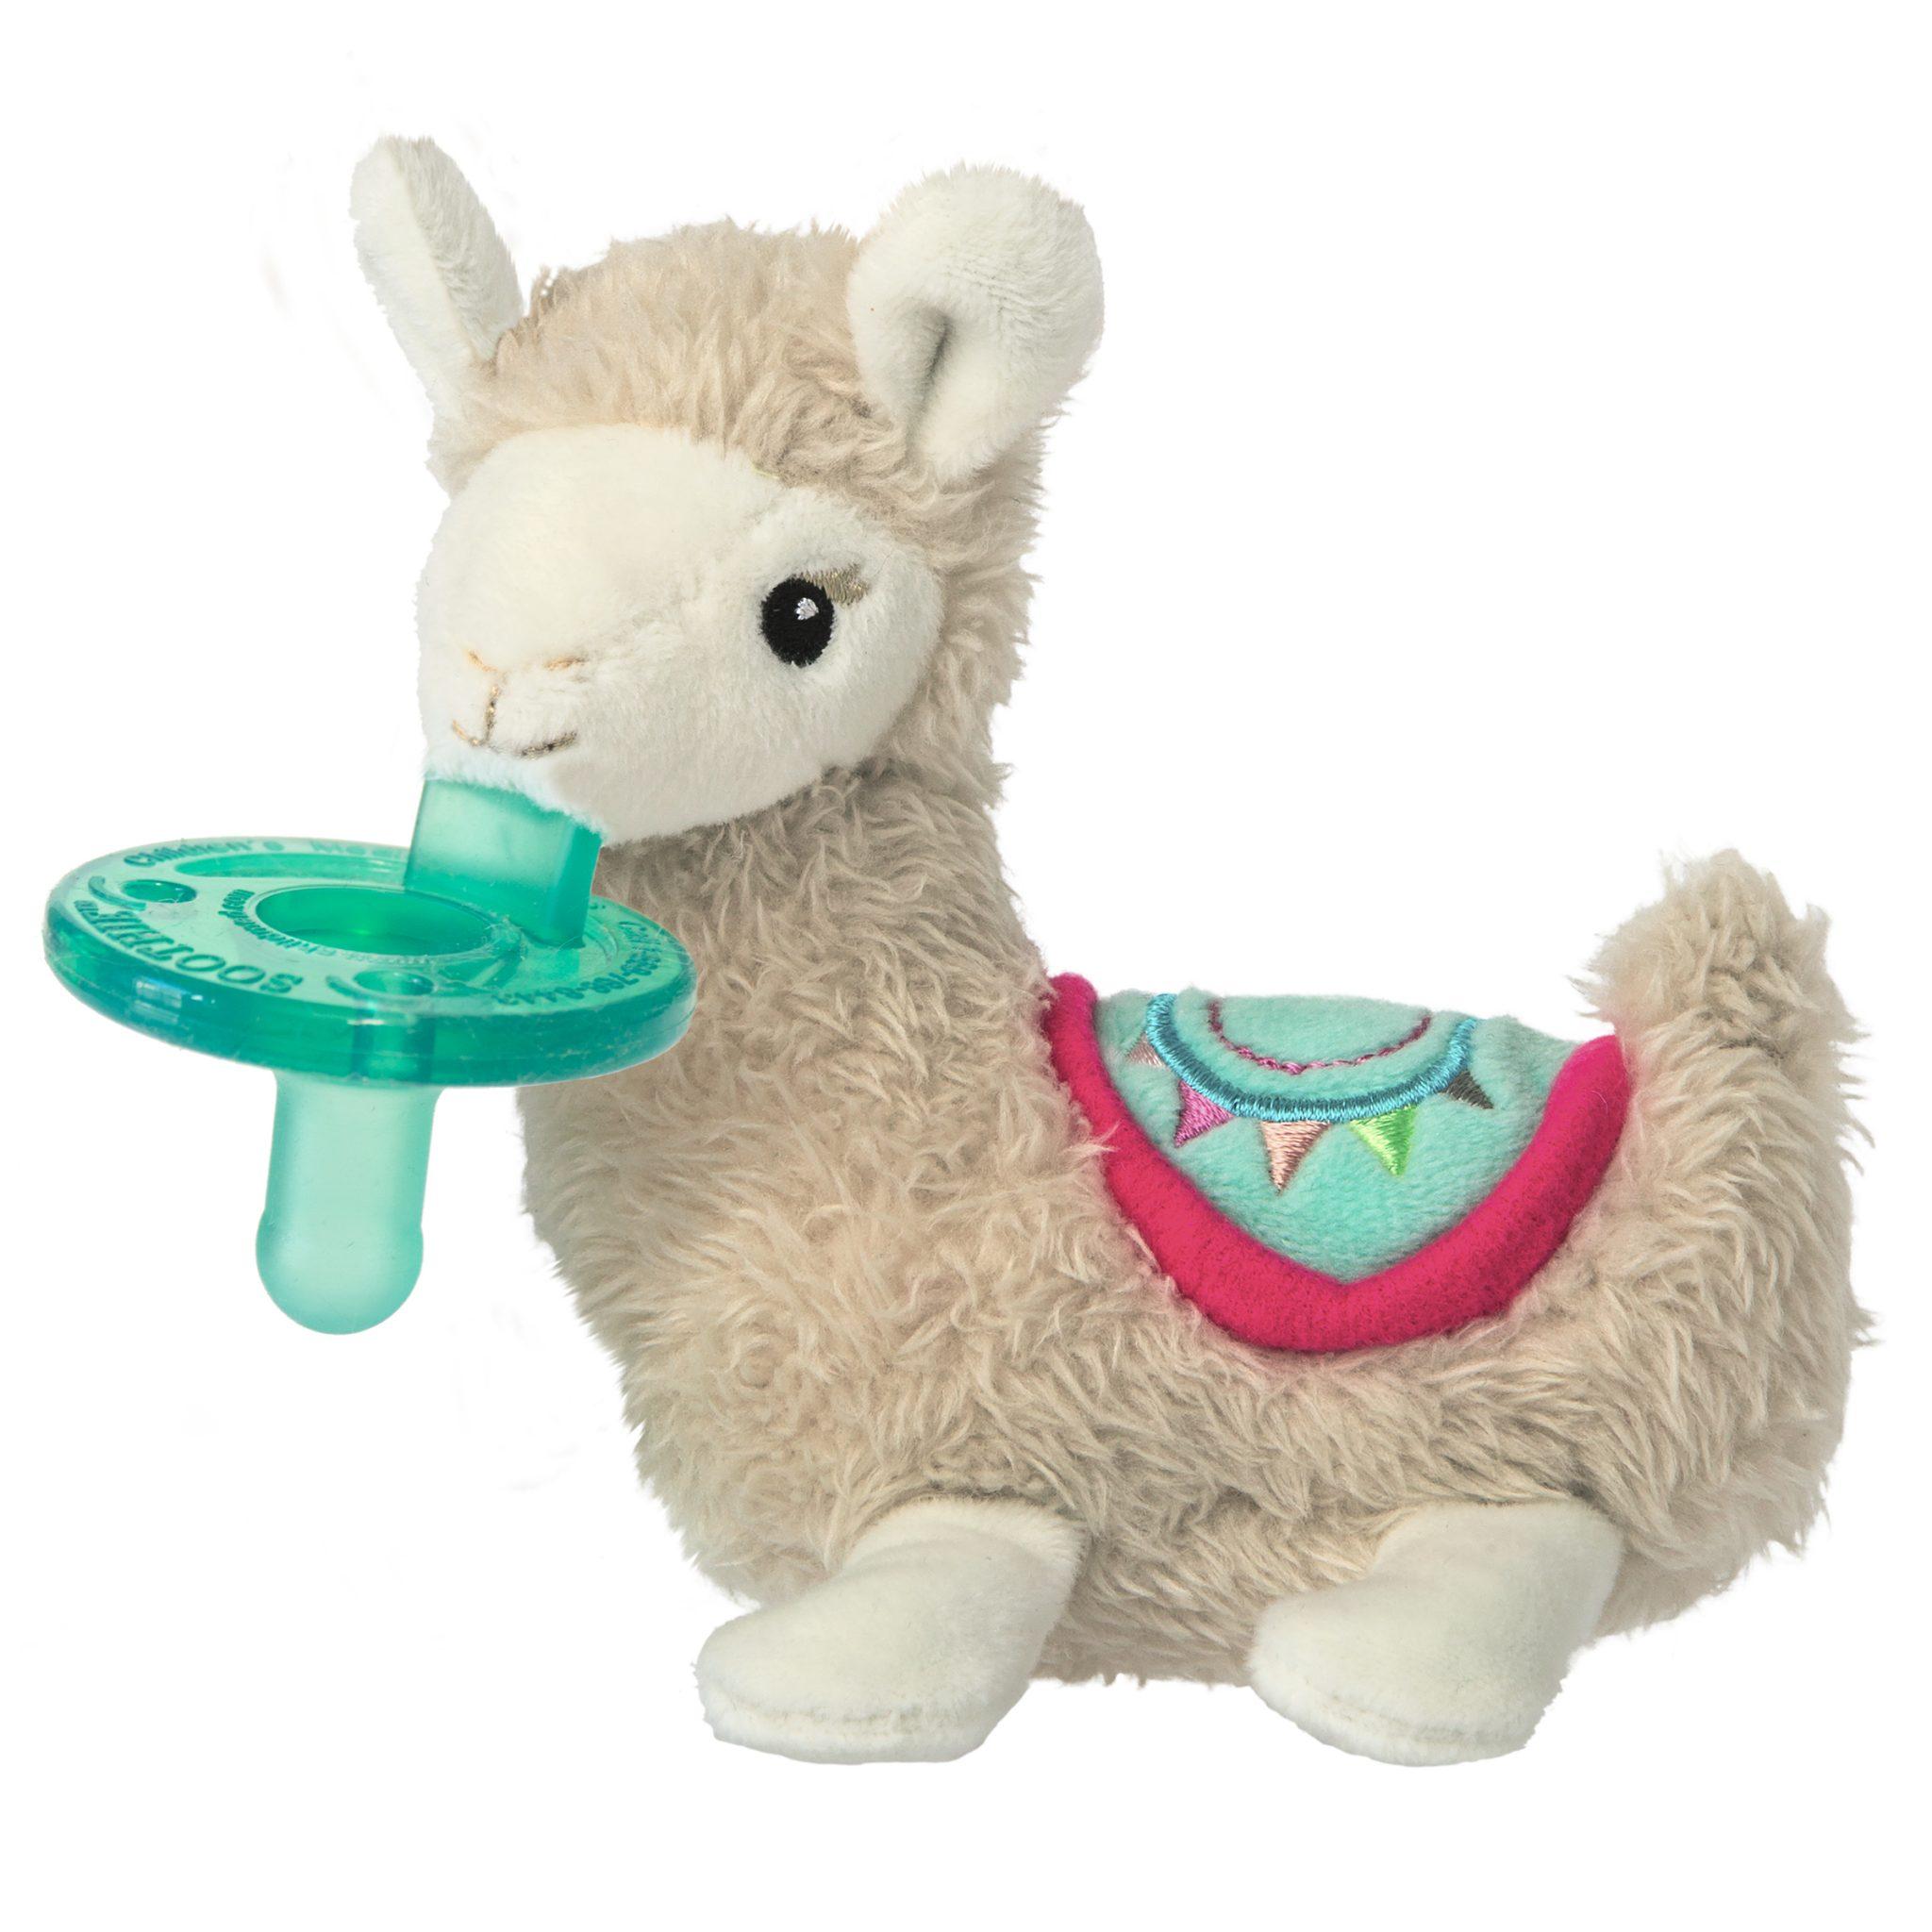 Lily Llama Wubbanub 6 Mary Meyer Stuffed Toys